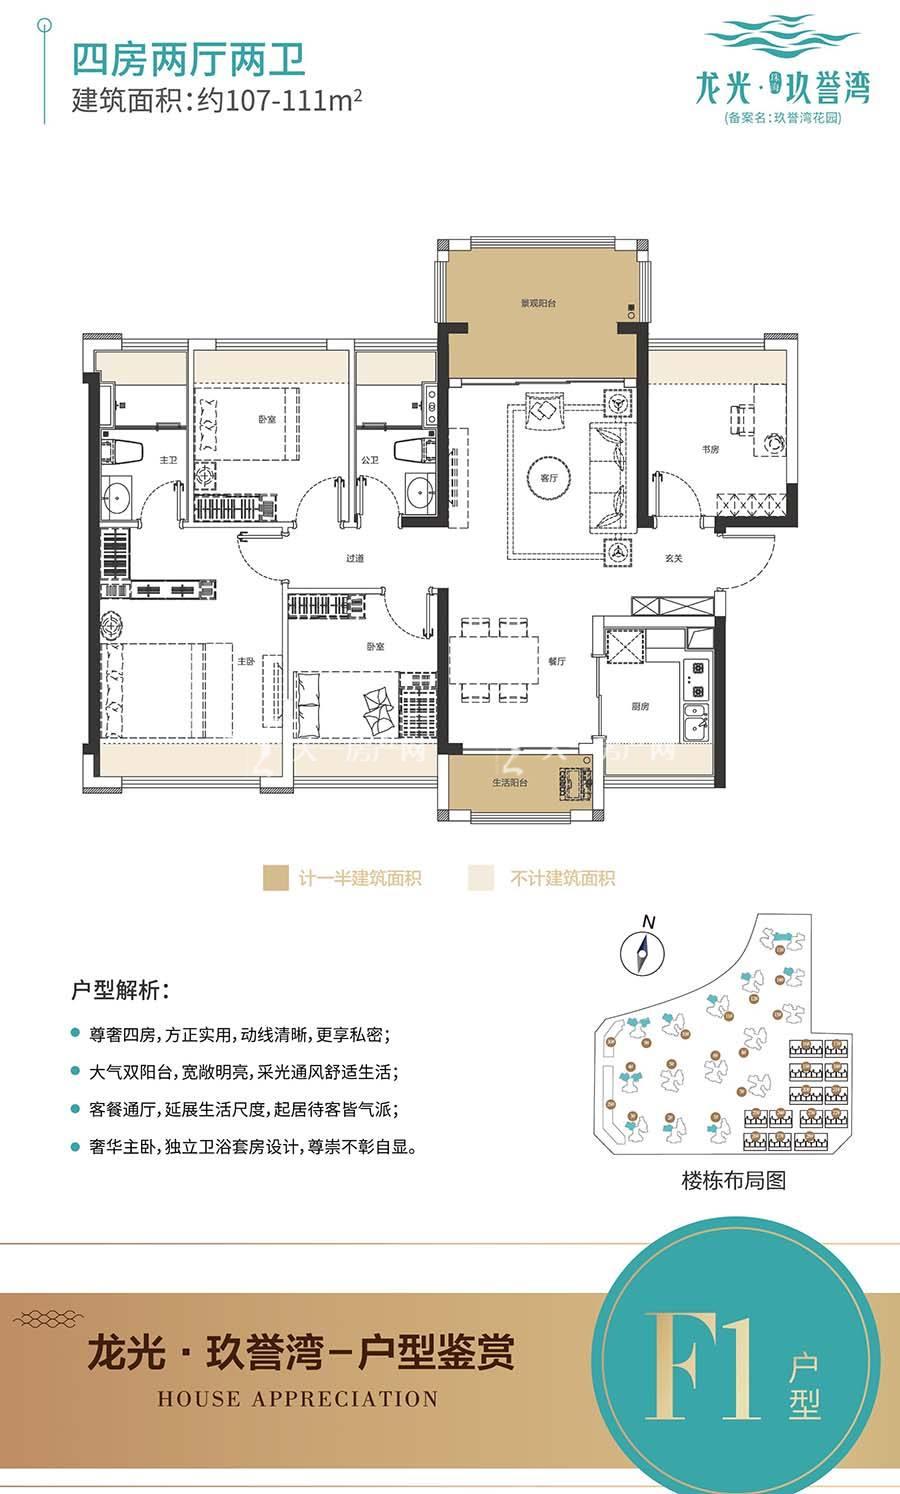 龙光玖誉湾F1户型/四房两厅两卫/建筑面积:约107-111m²